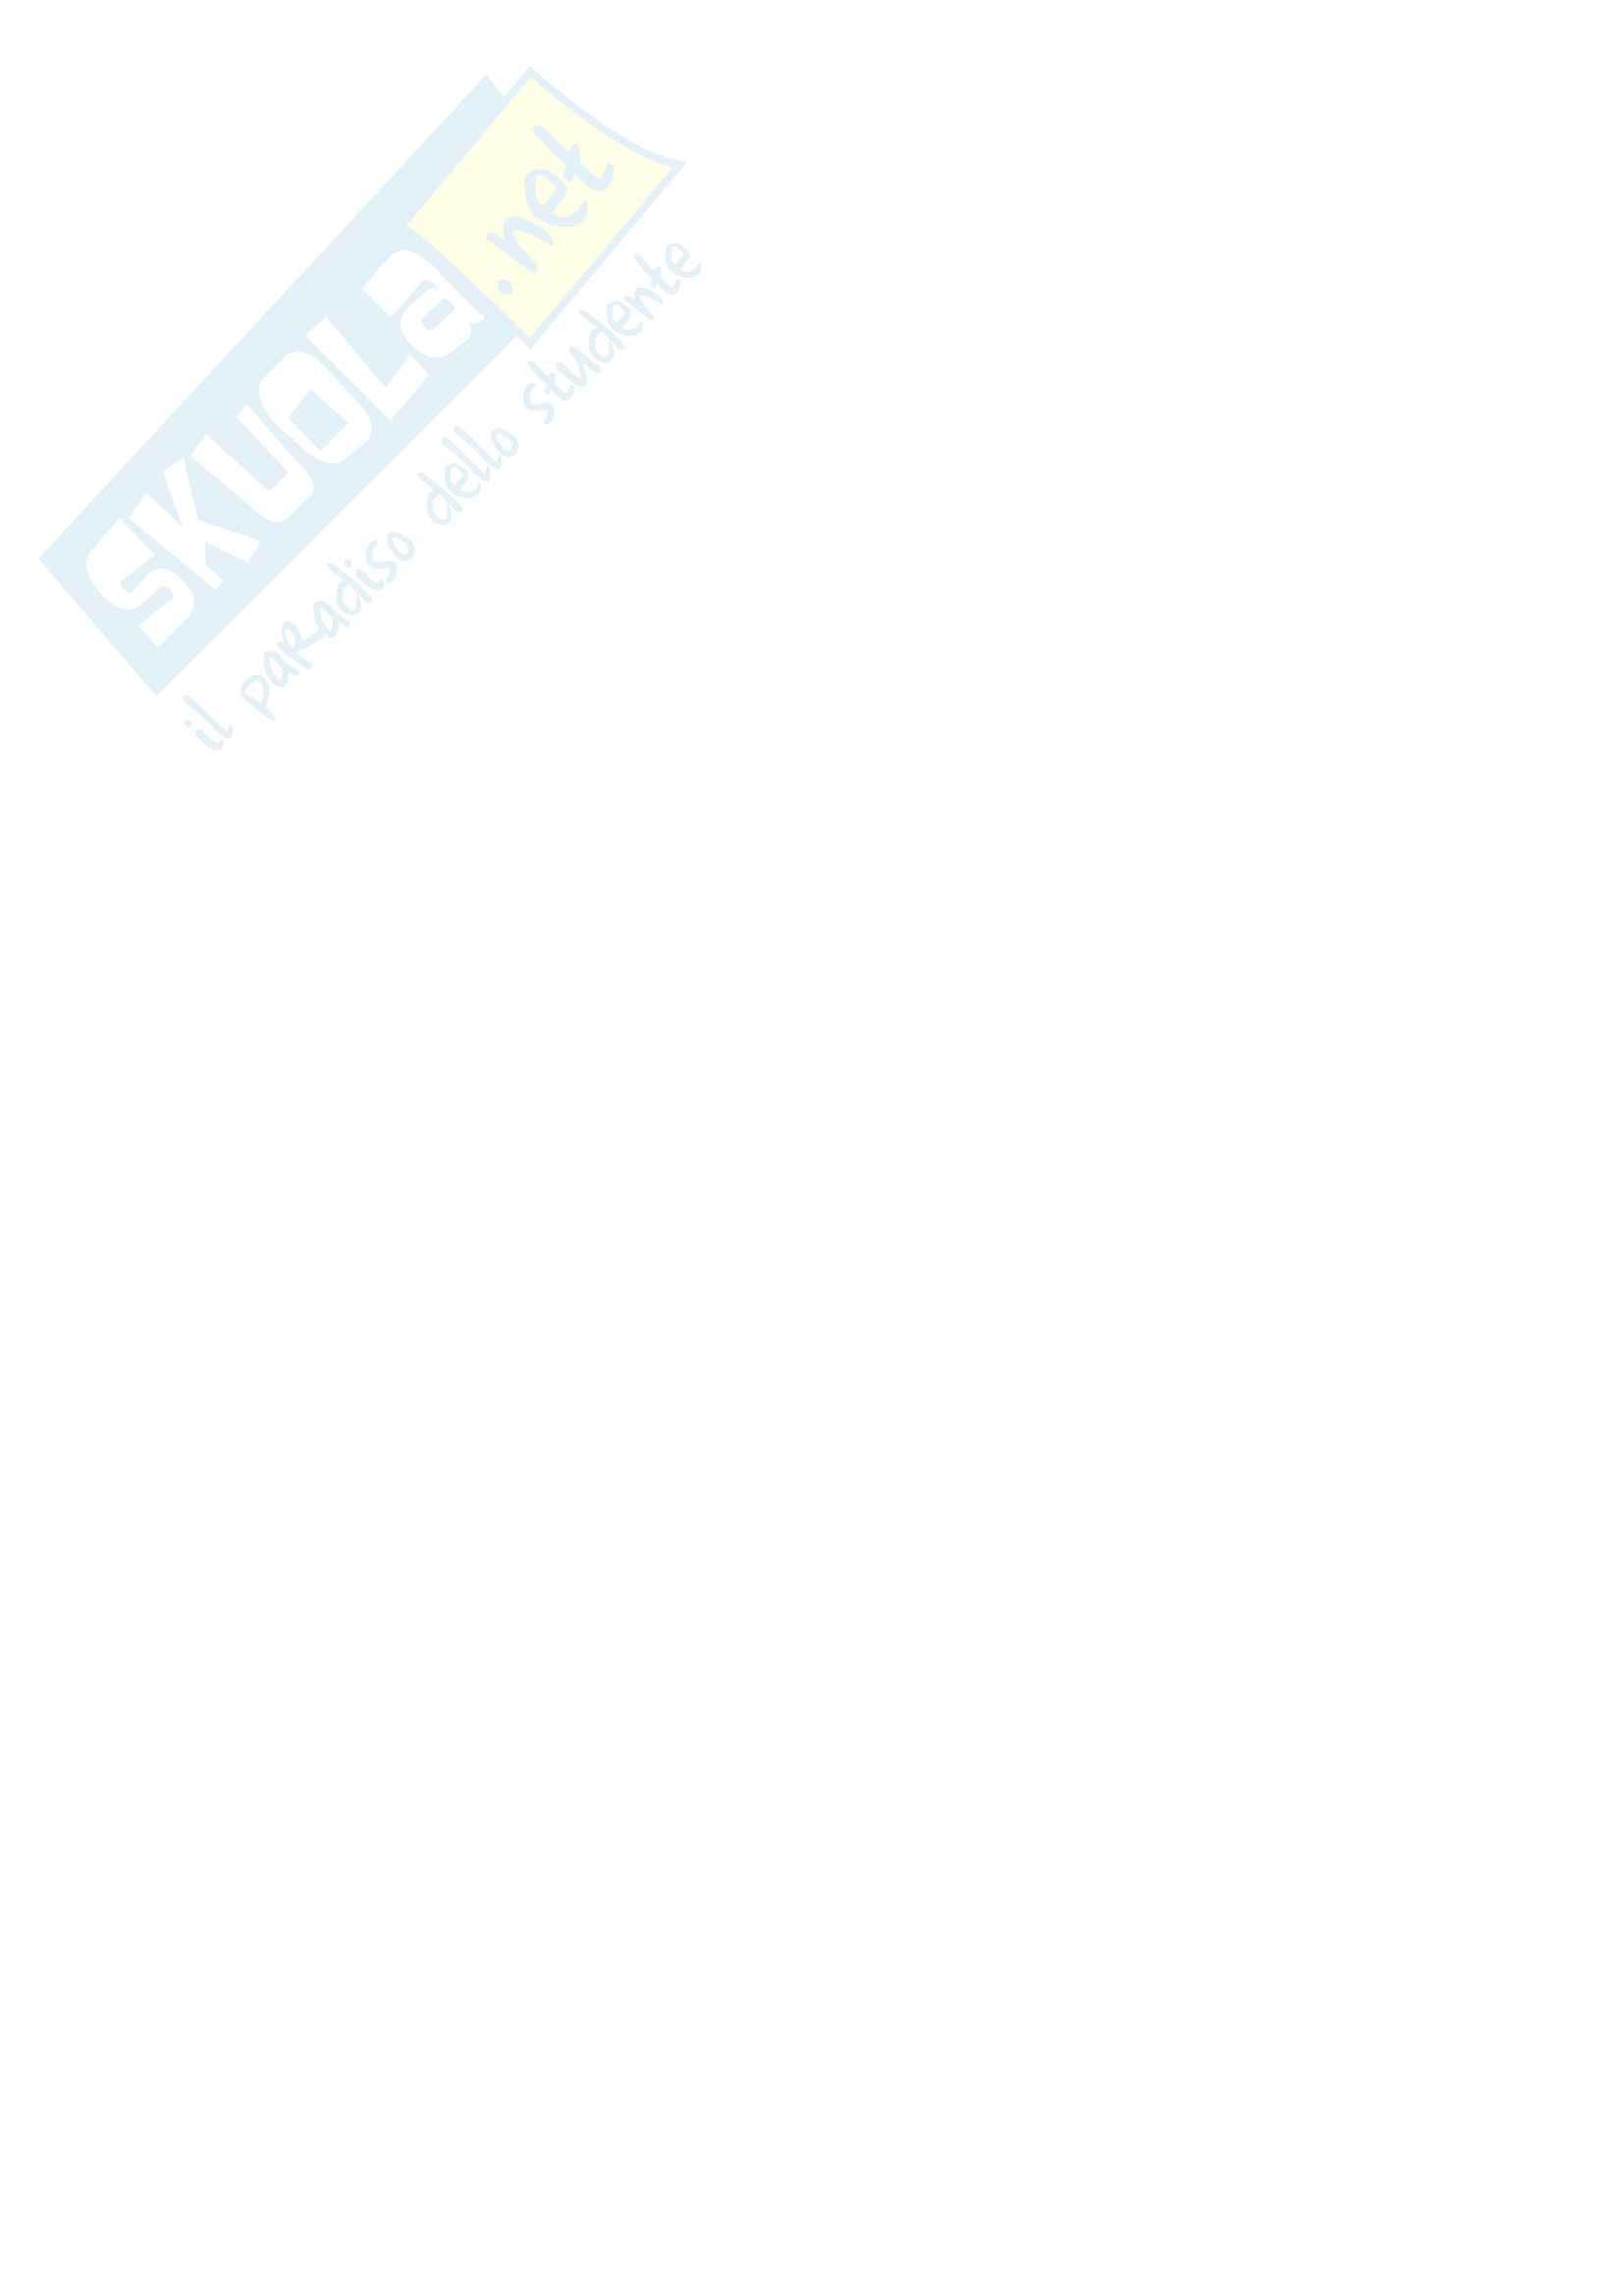 Esercizi d'esame svolti di chimica generale ed inorganica - Ctf e Farmacia Pag. 76